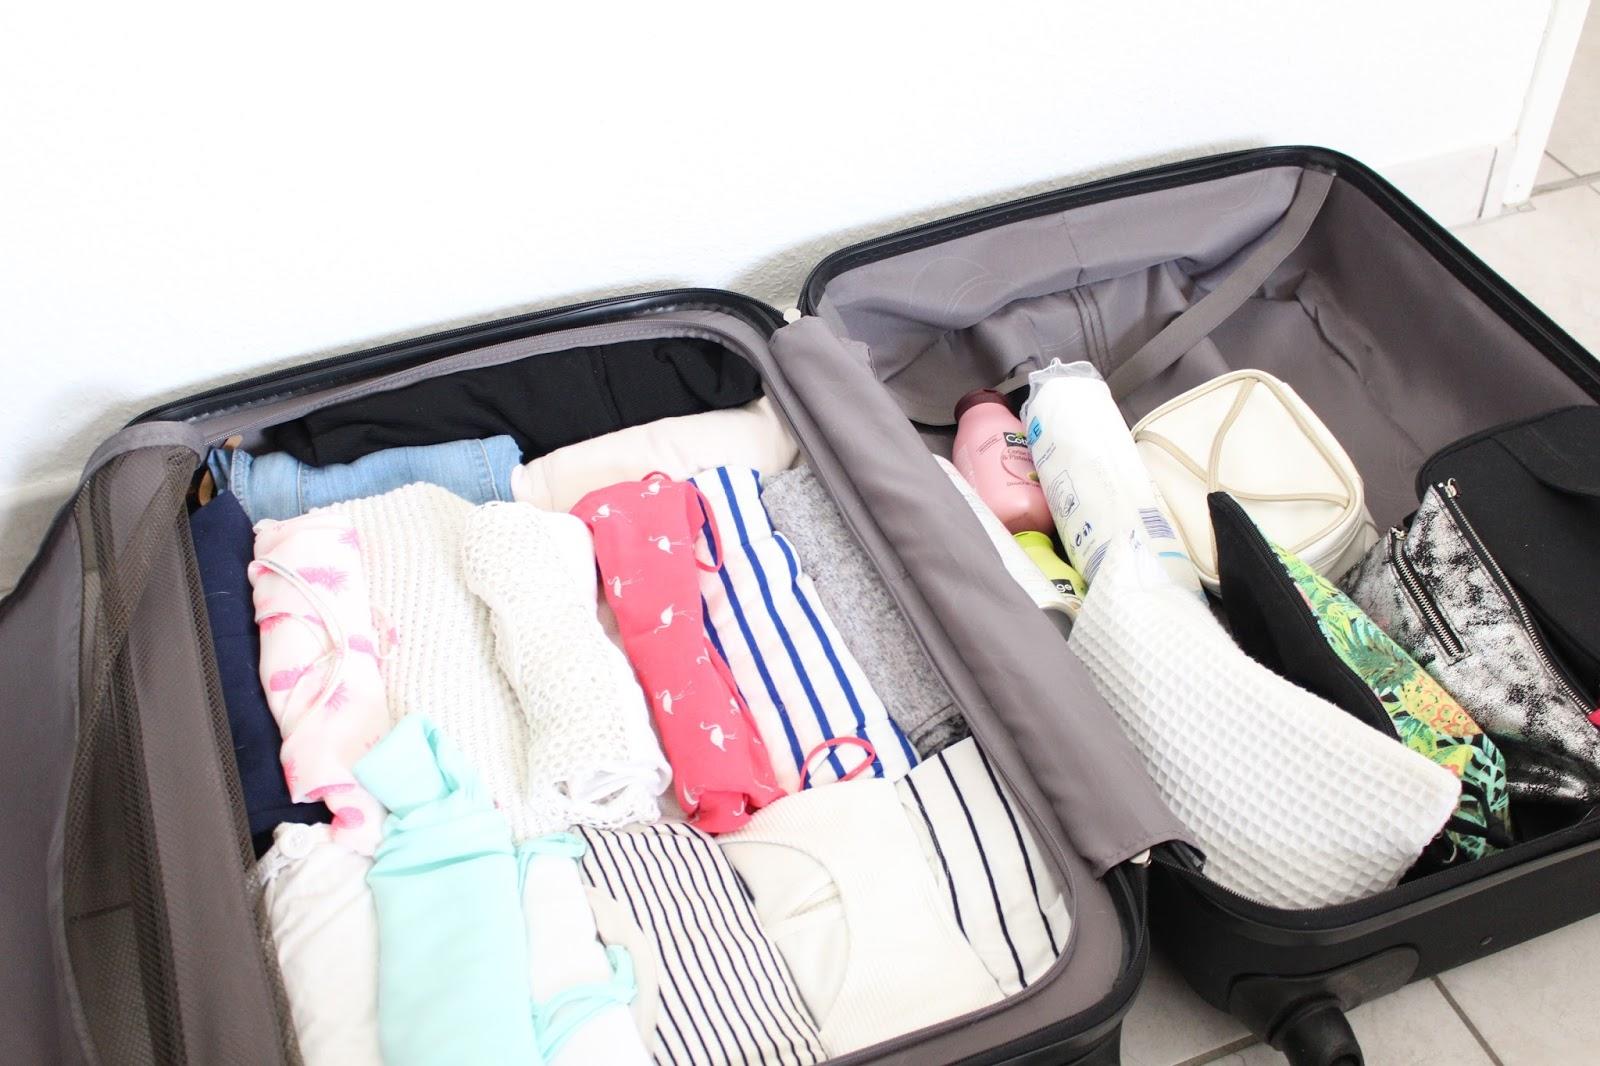 bien pr parer ses vacances au soleil 2 gagner de la place dans sa valise les id es soaddict. Black Bedroom Furniture Sets. Home Design Ideas